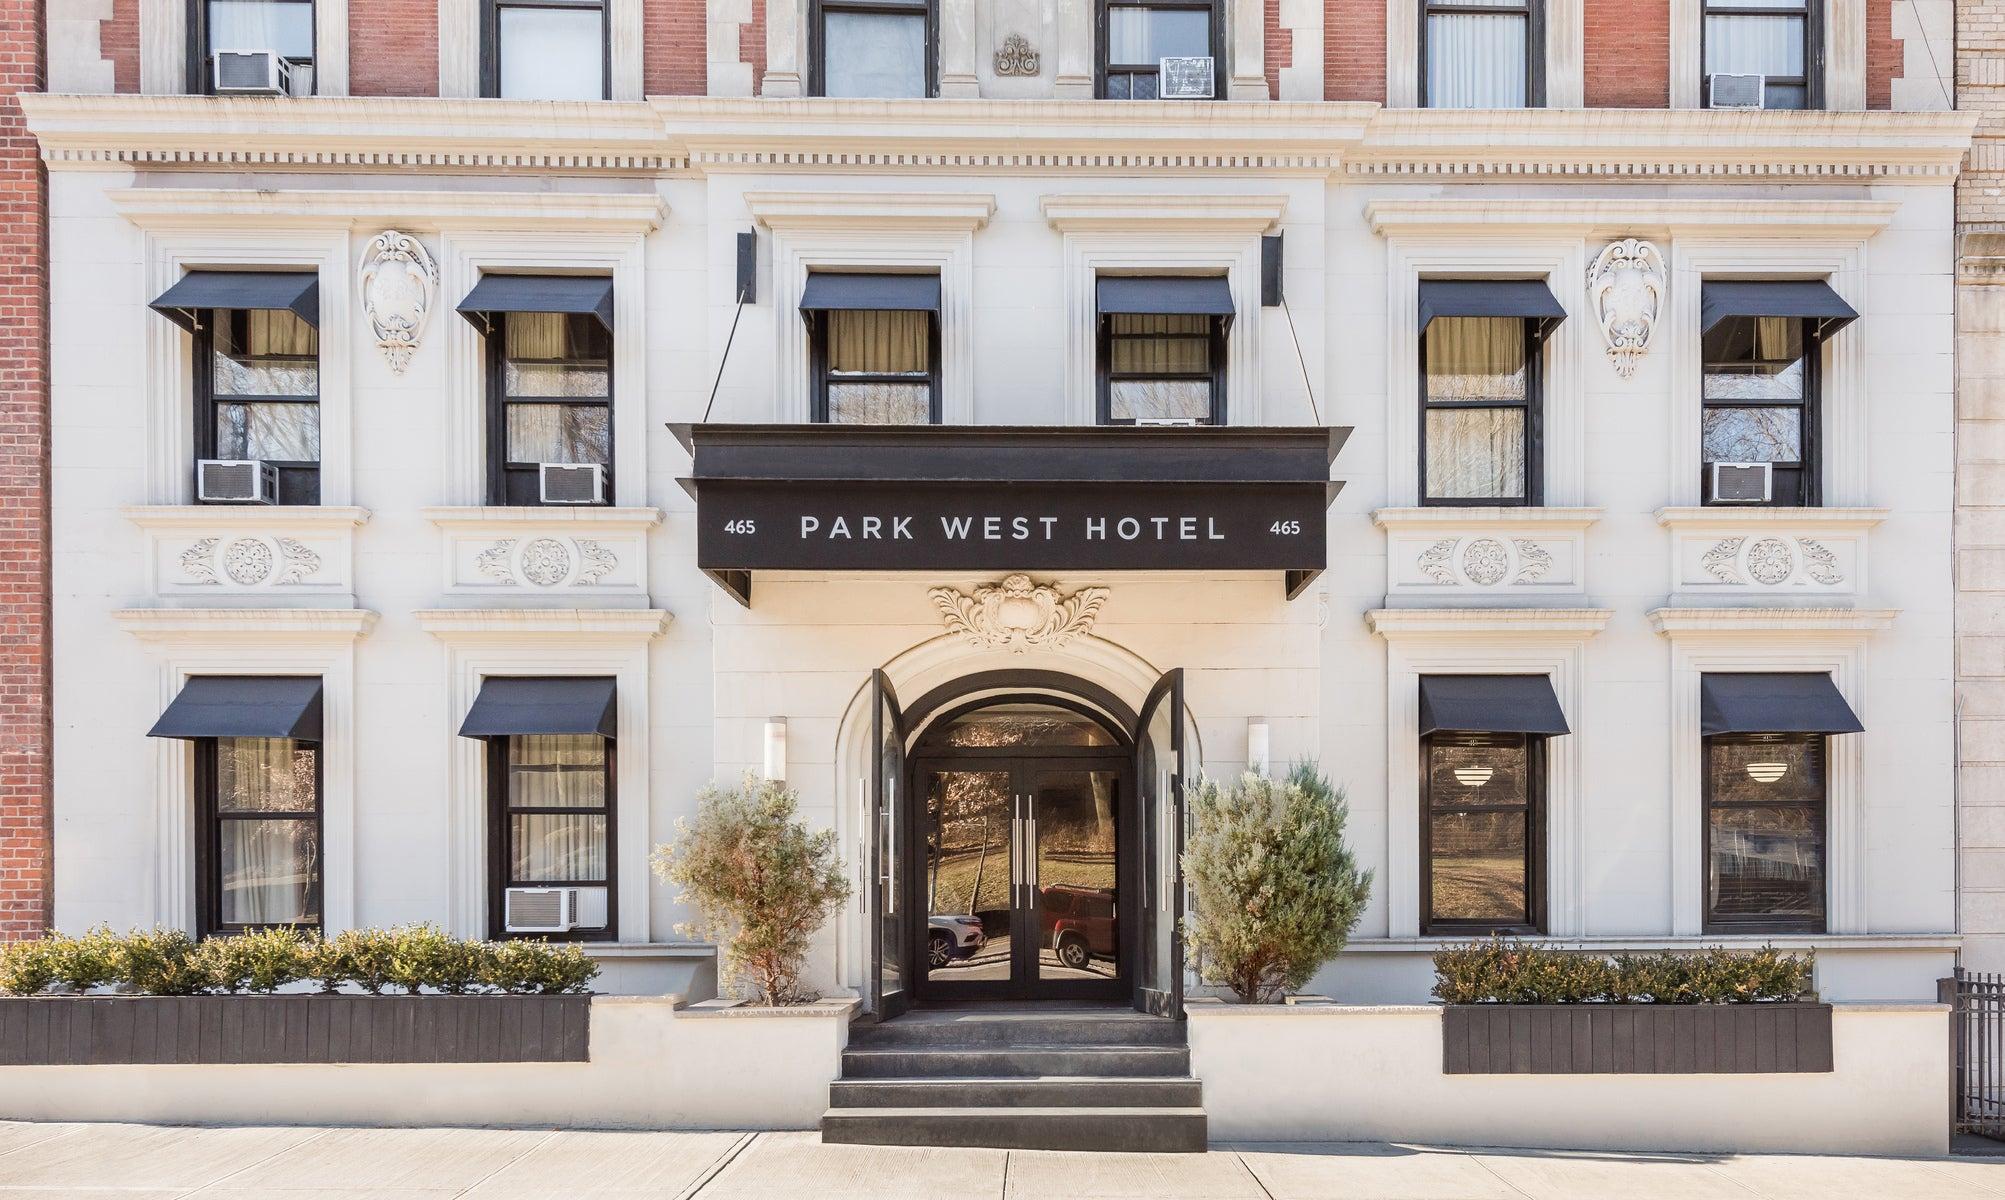 Park West Hotel